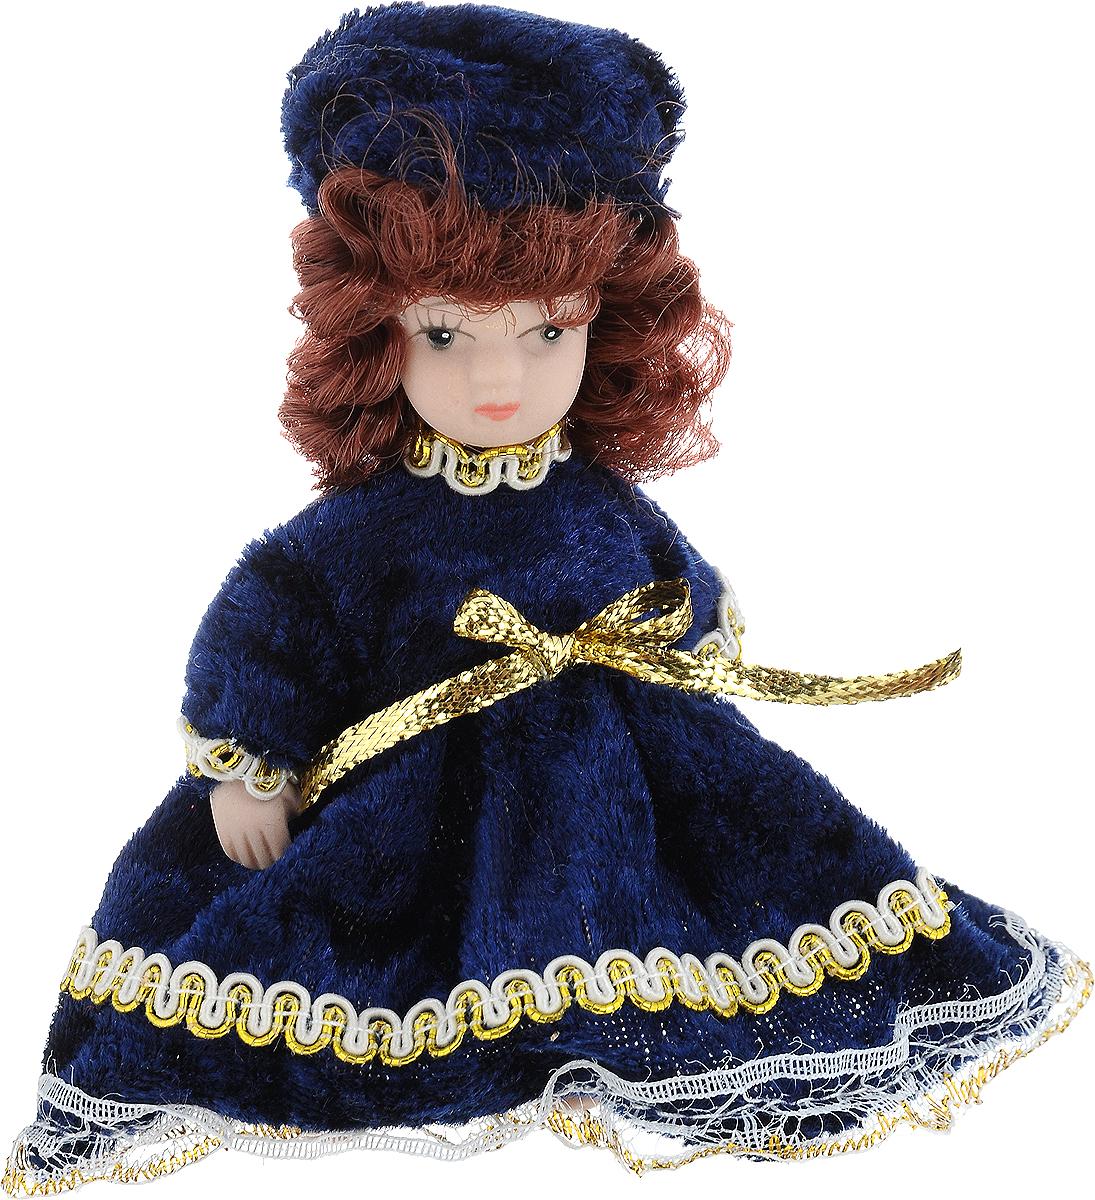 Фигурка декоративная Lovemark Кукла, цвет: бежевый, синий, золотистый, высота 10 см24719Фигурка декоративная Lovemark Кукла изготовлена из керамики в виде куклы с кудрявыми каштановыми волосами, большими глазами и ресницами. Куколка одета в длинное бархатное платье, декорированное золотистой тесьмой и бантиком, и шапочку. Вы можете поставить фигурку в любое место, где она будет красиво смотреться и радовать глаз. Кроме того, она станет отличным сувениром для друзей и близких. А прикрепив к ней петельку, такую куколку можно подвесить на елку.